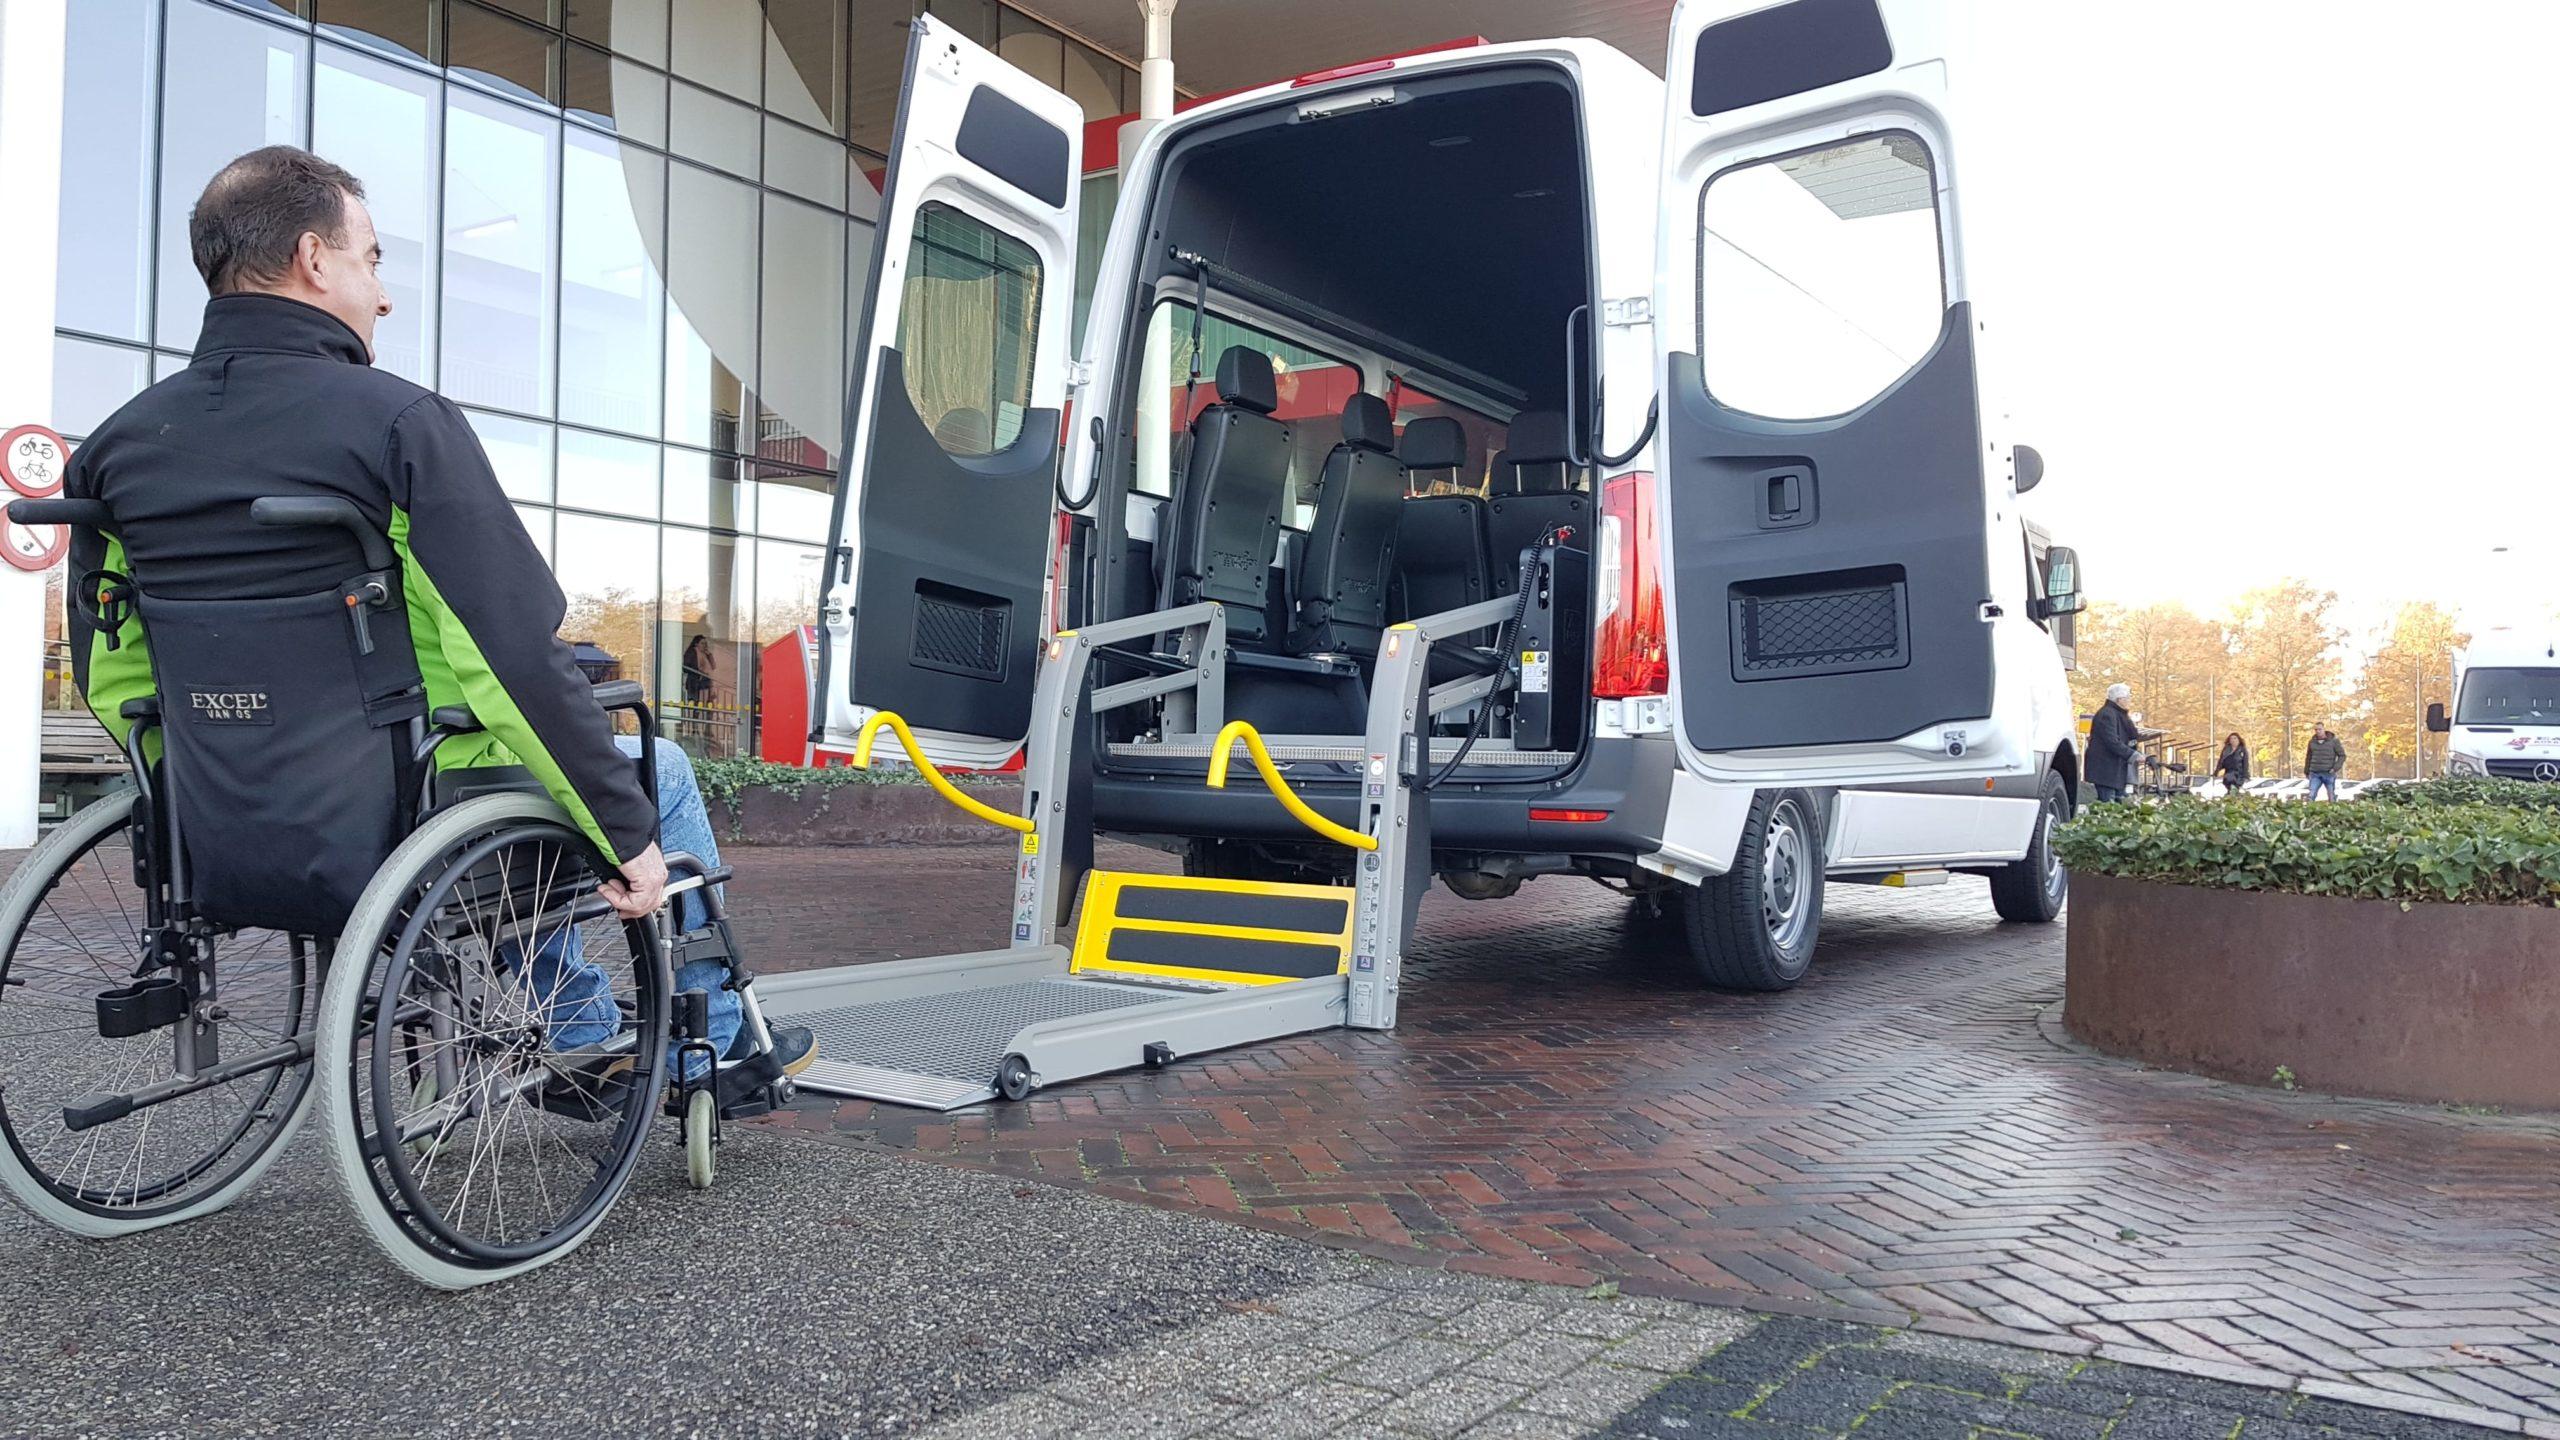 Te Huur met rolstoellift